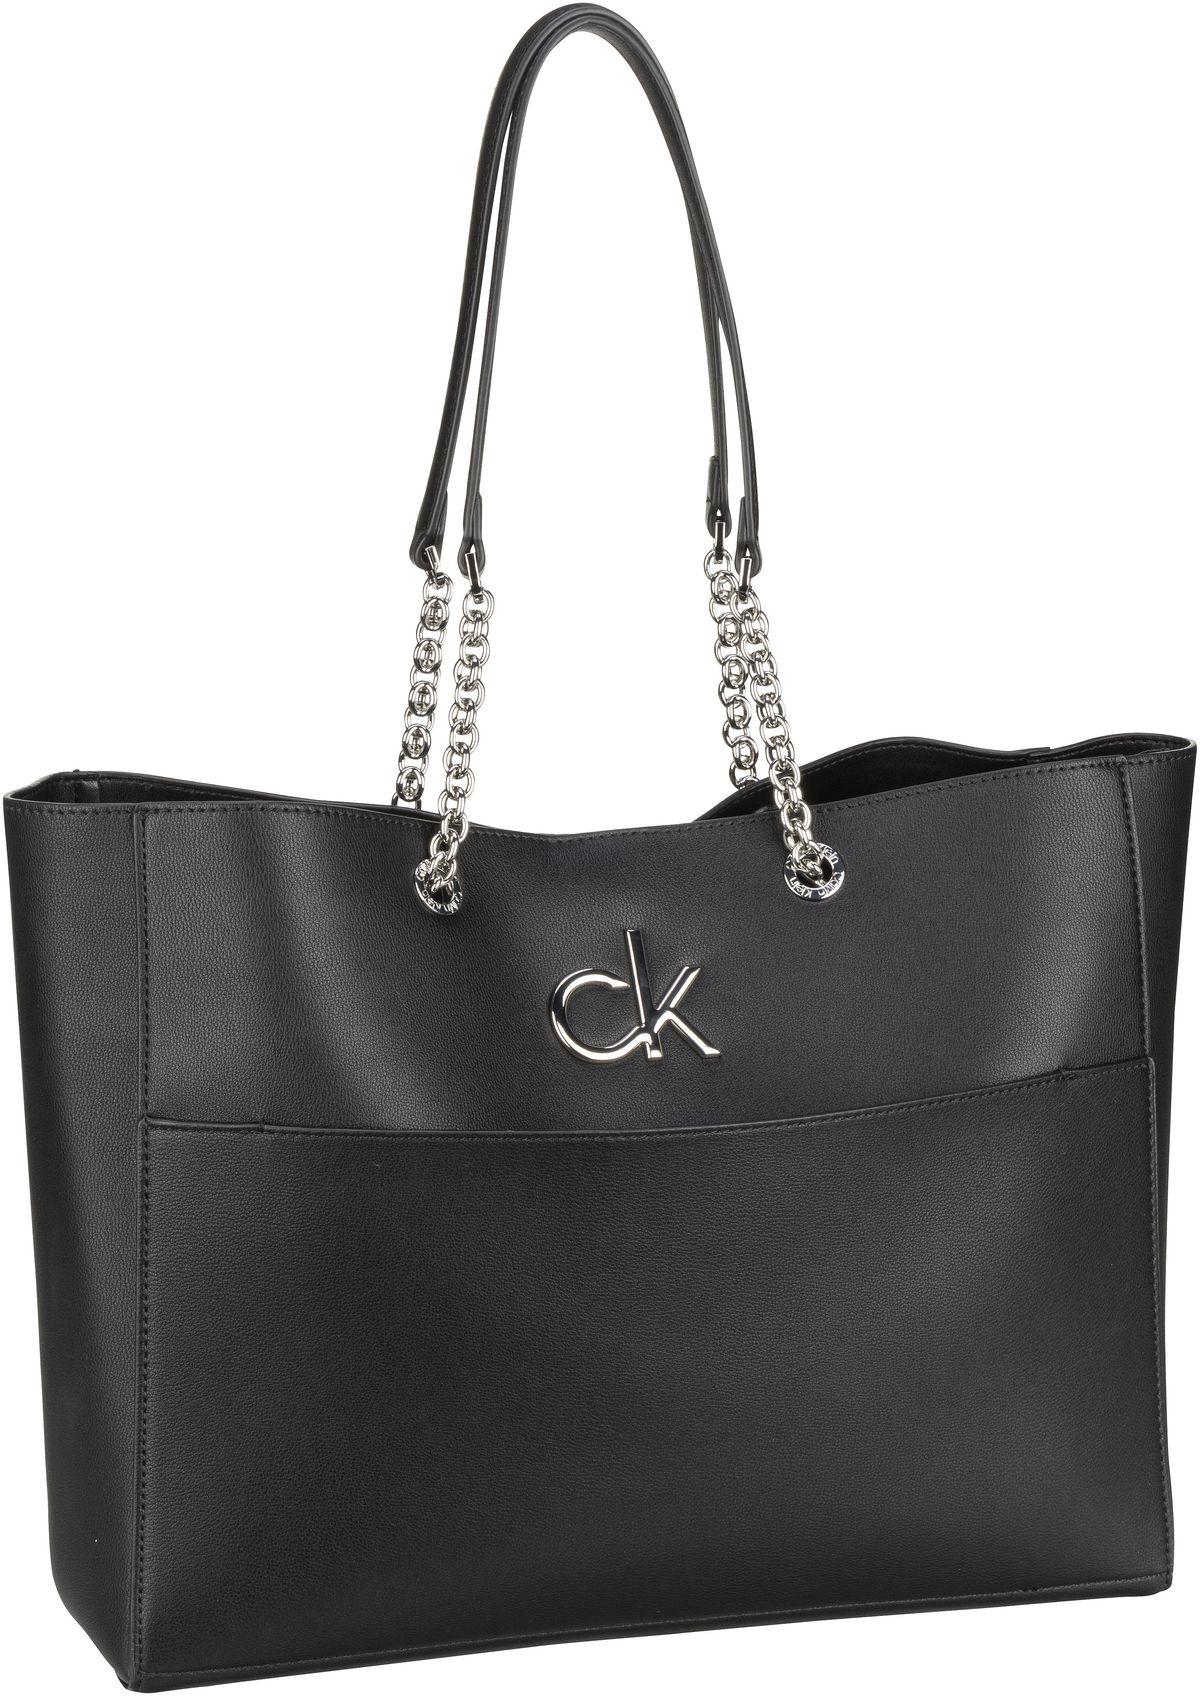 Handtasche Re-Lock Shopper PF20 Black